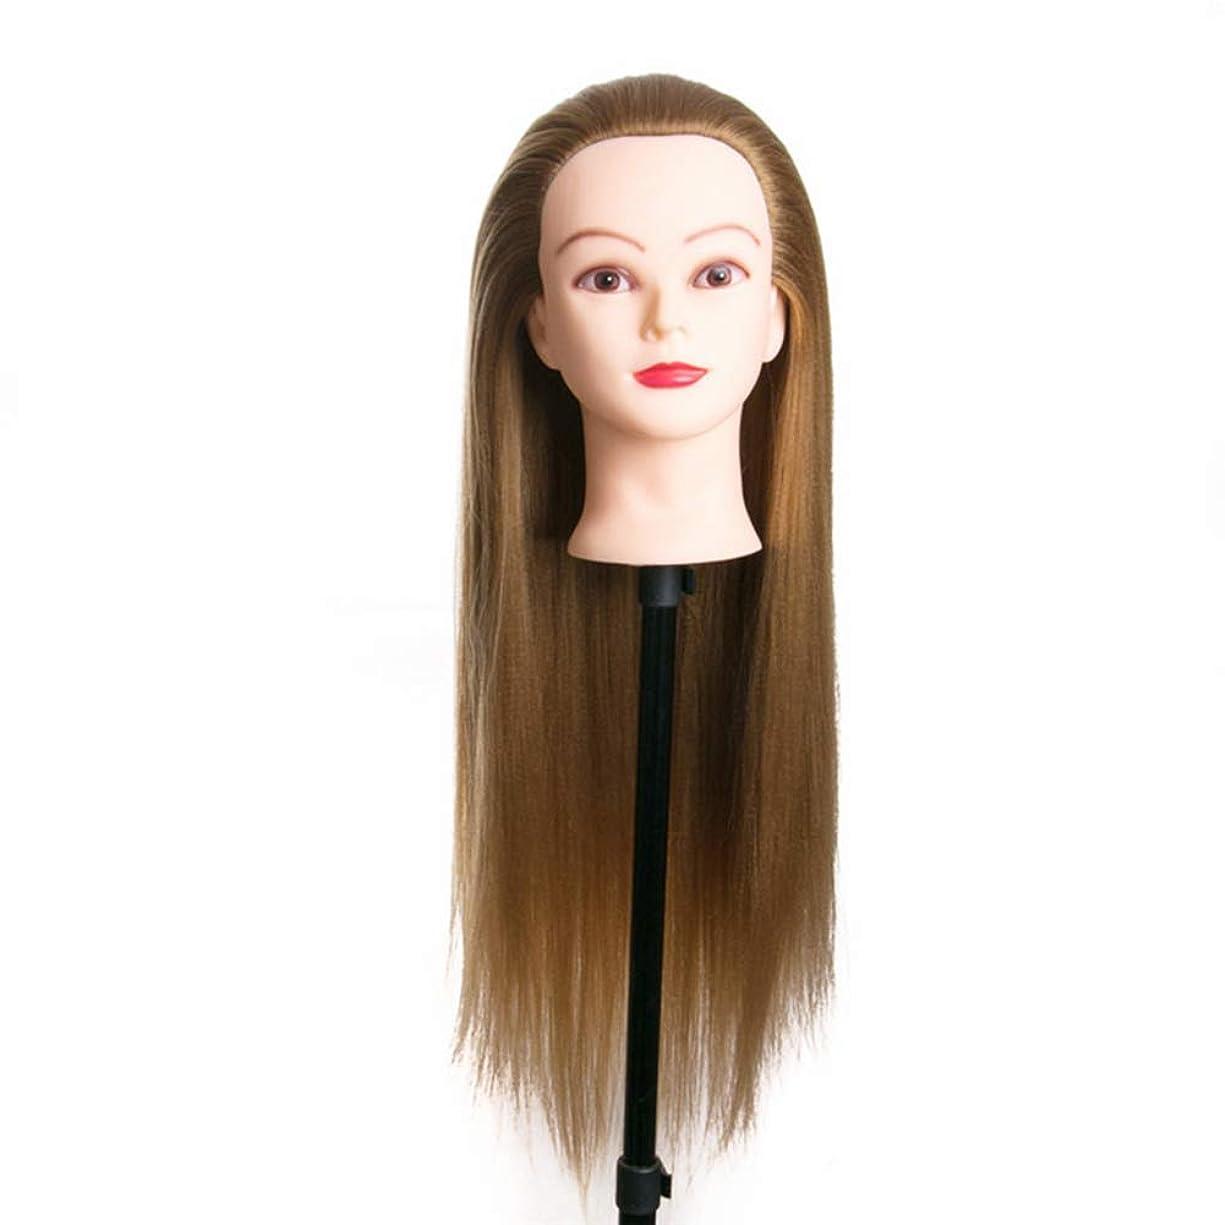 から聞く加害者空港メイクアップディスクヘアスタイリング編みを教えるダミーヘッド理髪サロンエクササイズヘッド金型ヘアカットトレーニングかつら3個